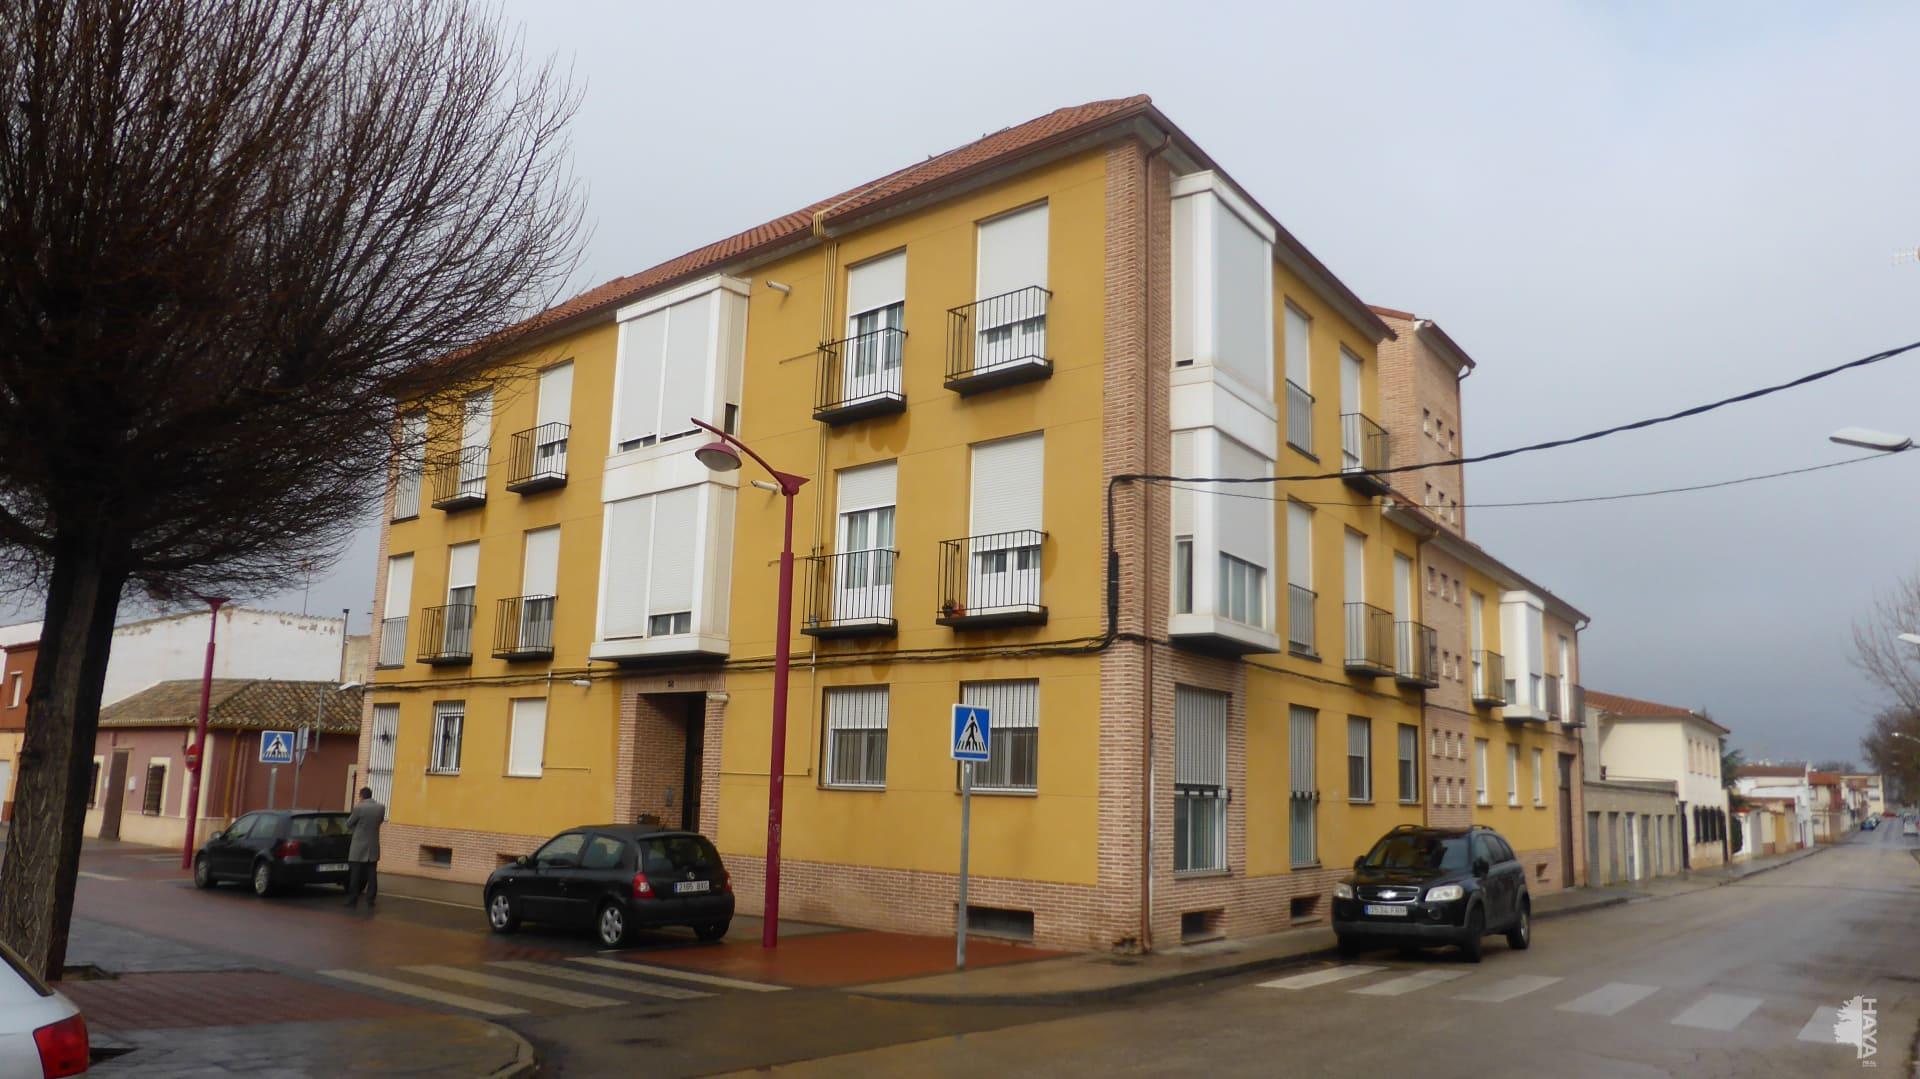 Piso en venta en Alcázar de San Juan, Ciudad Real, Calle Parque, 67.300 €, 3 habitaciones, 2 baños, 118 m2